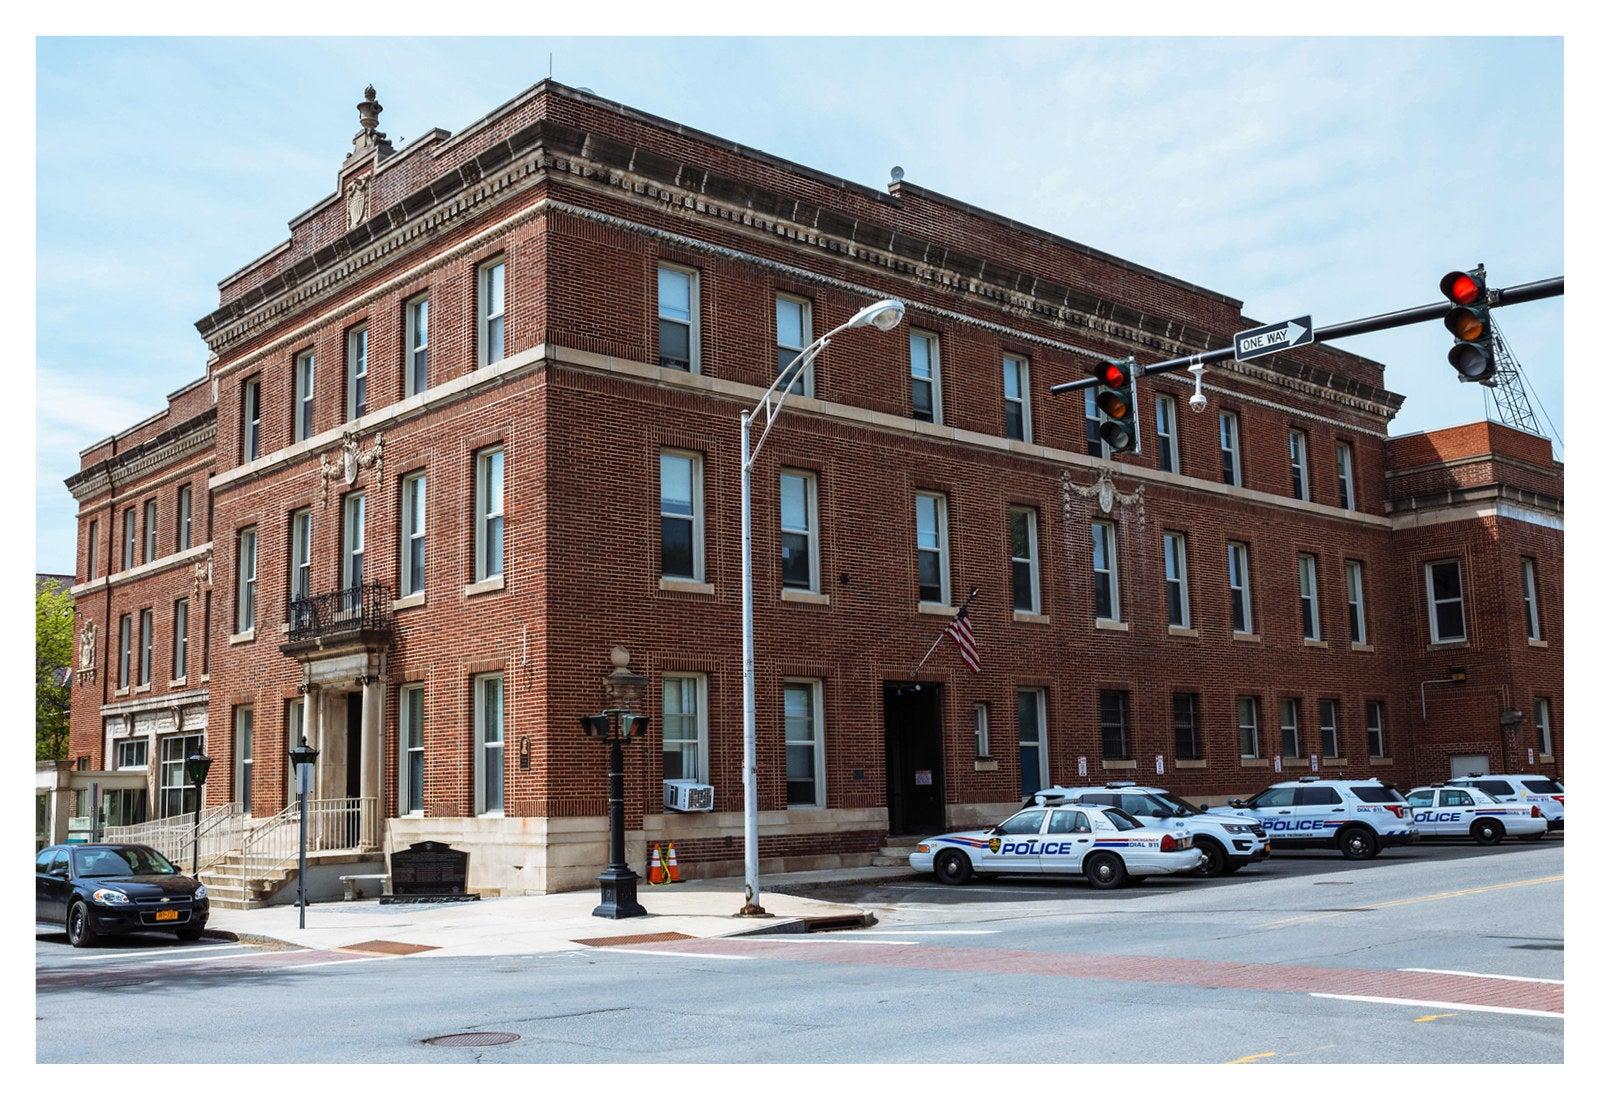 Troy police station